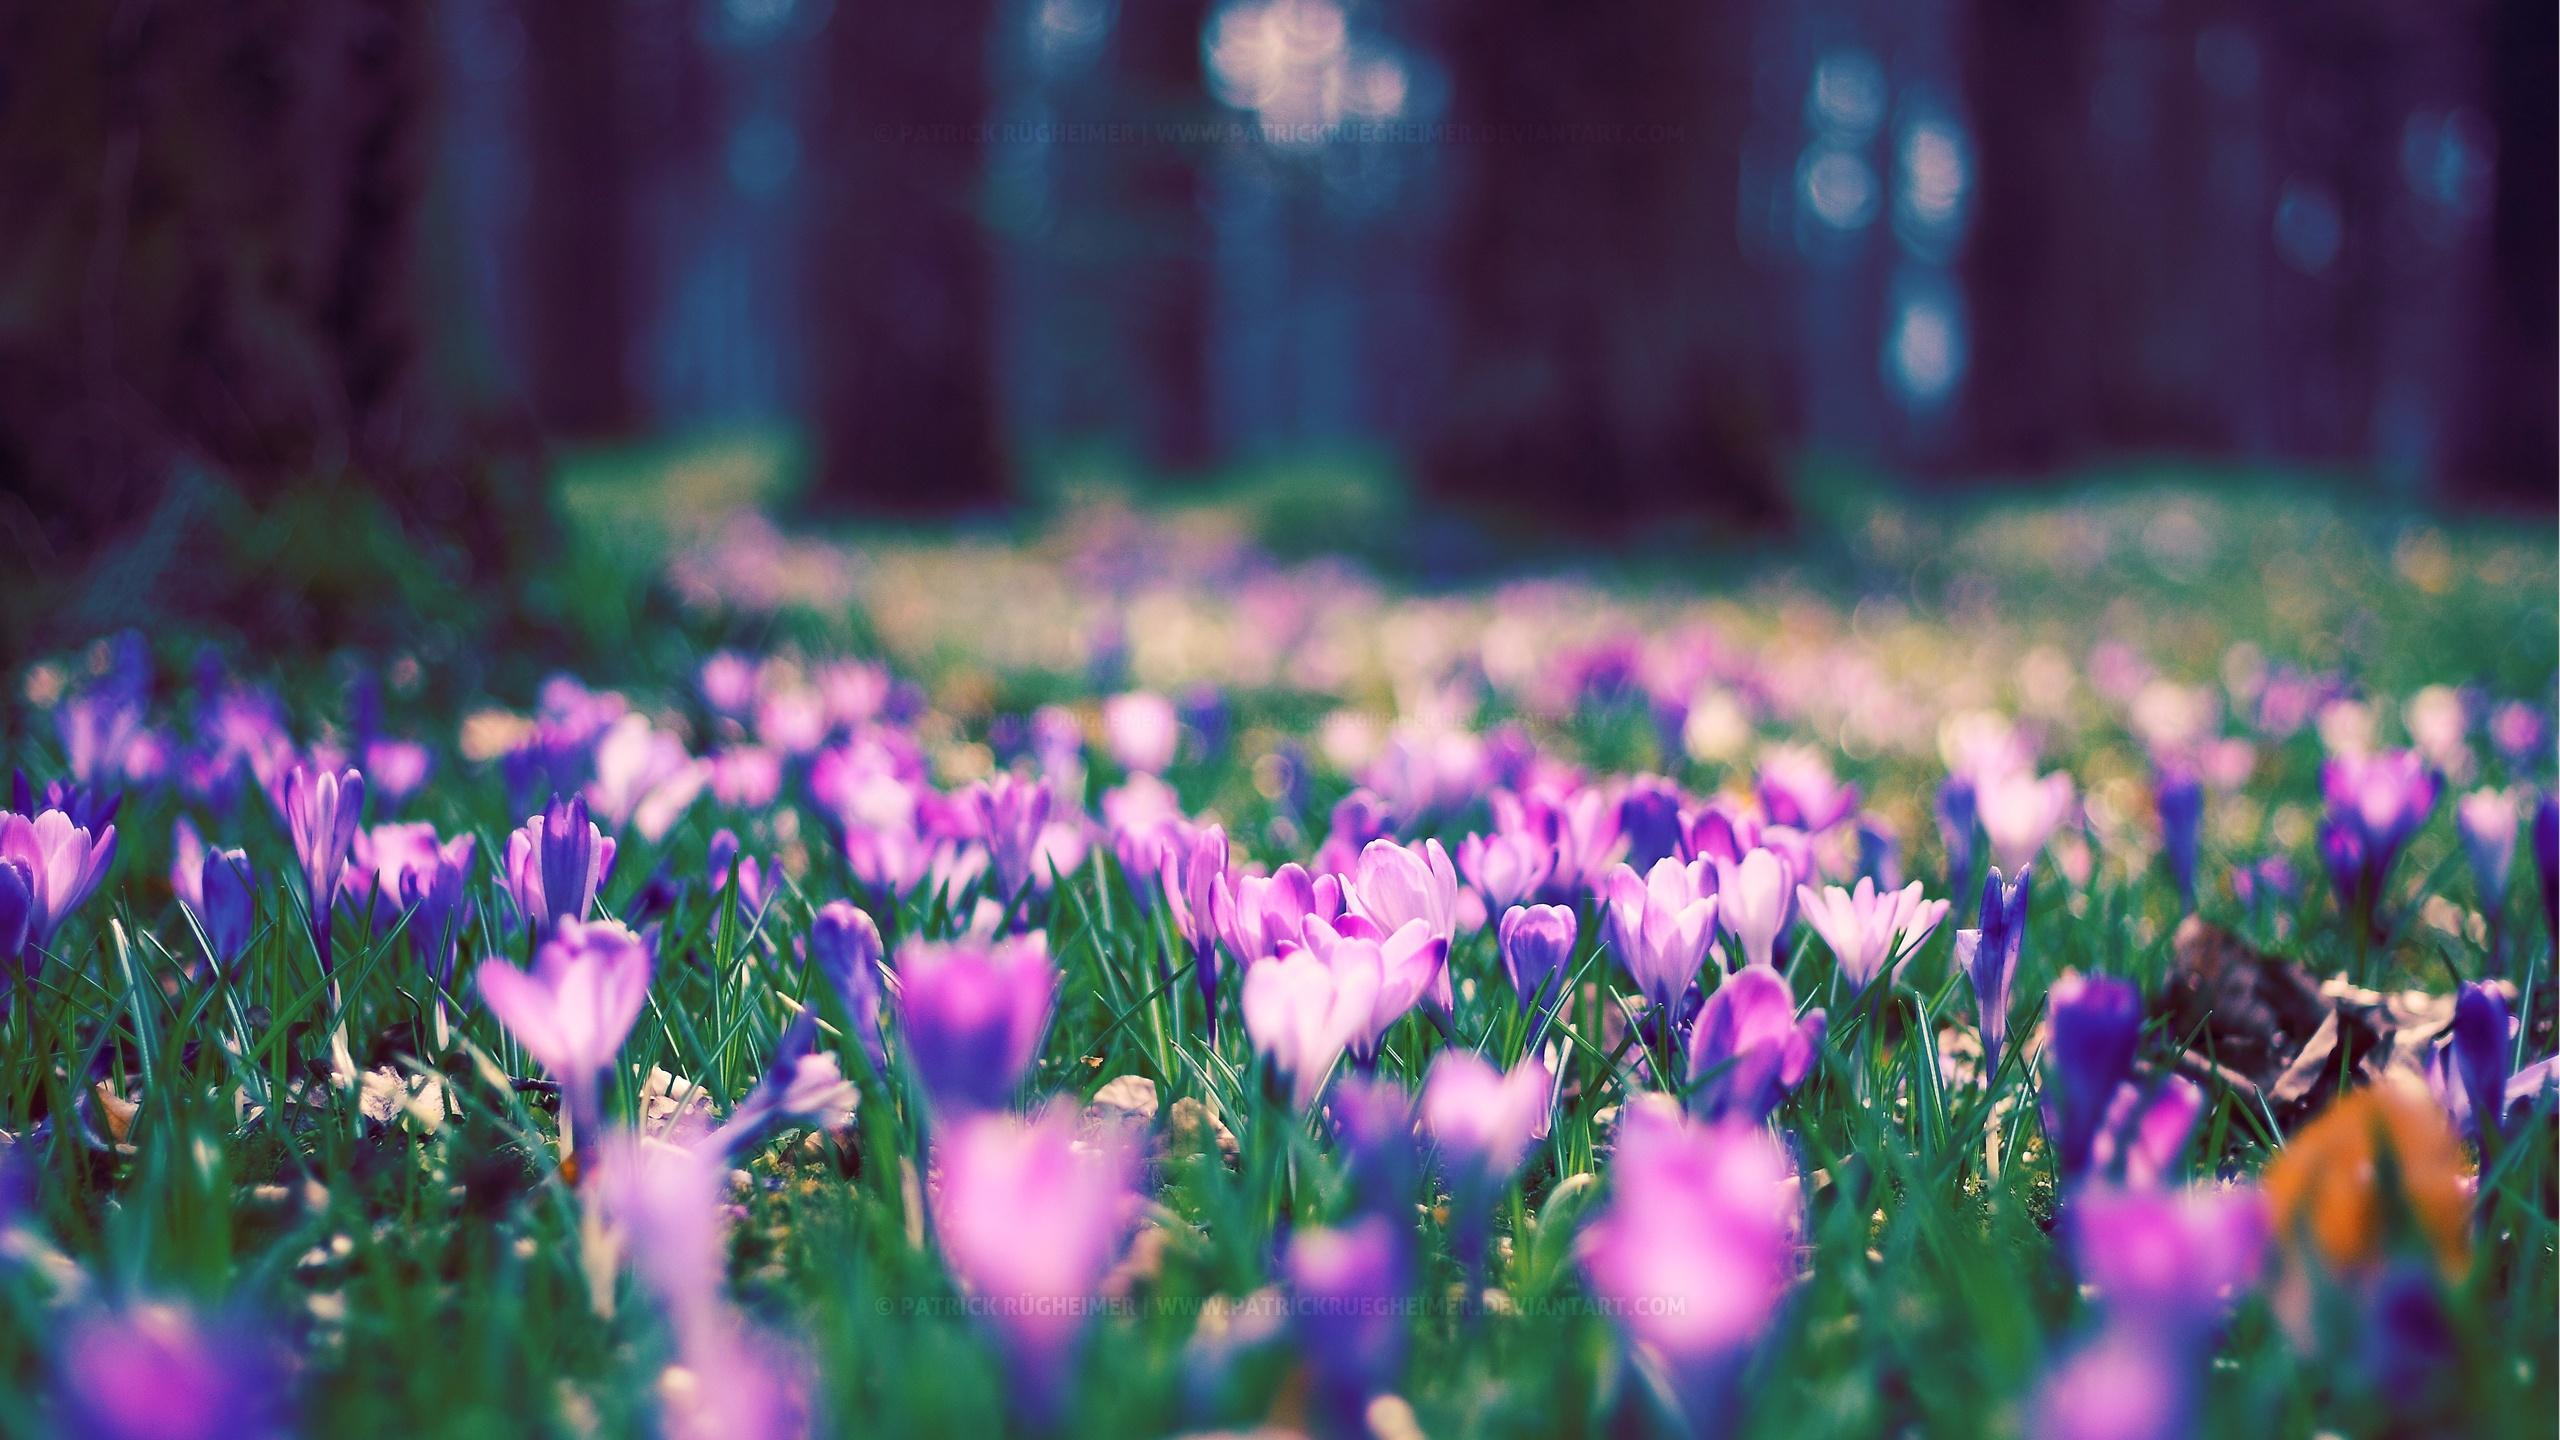 картинки для фона в компьютере весна себя канале